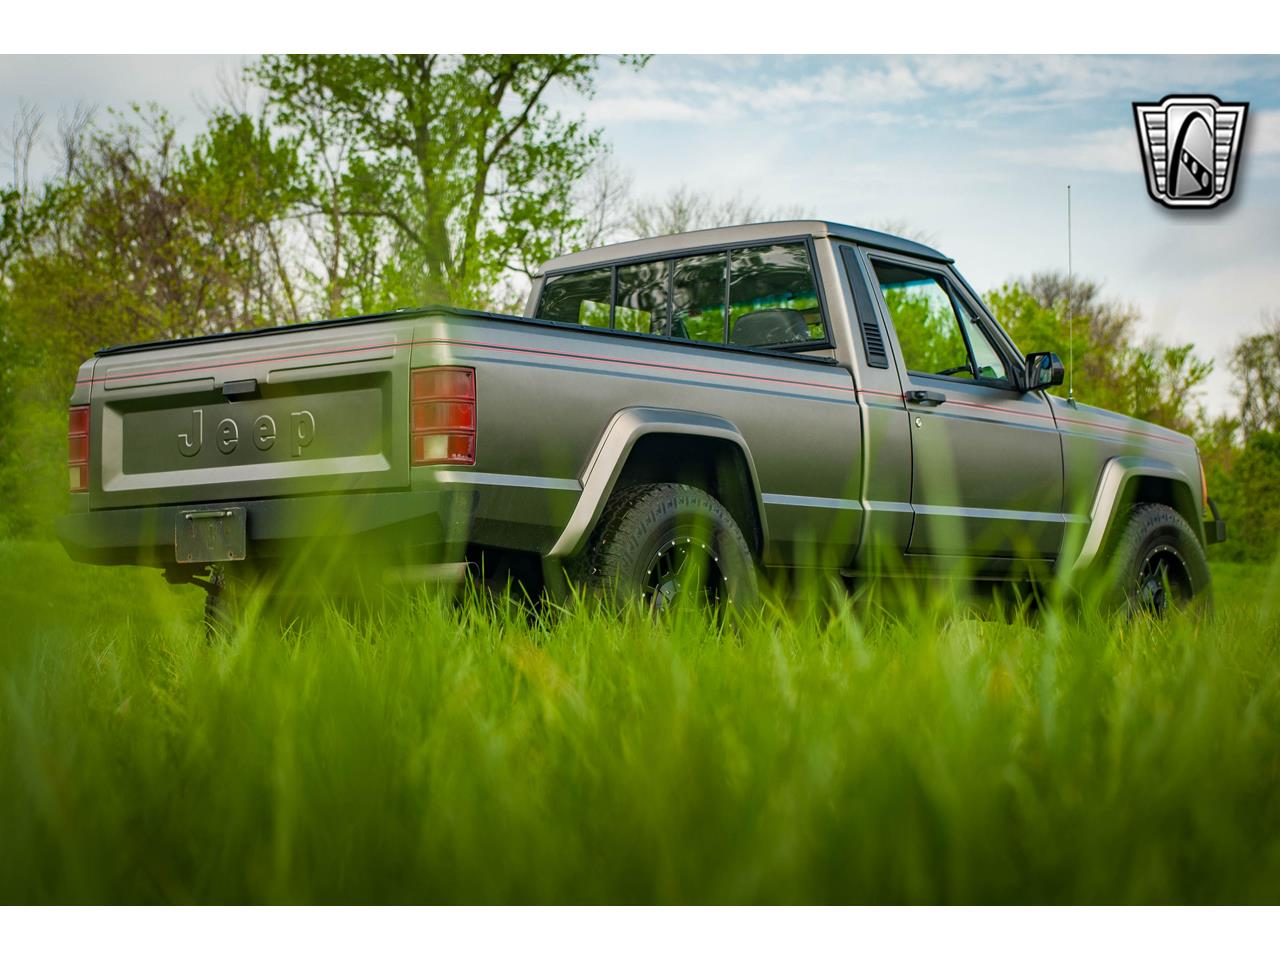 Large Picture of '90 Comanche located in O'Fallon Illinois - $16,500.00 - QB8P